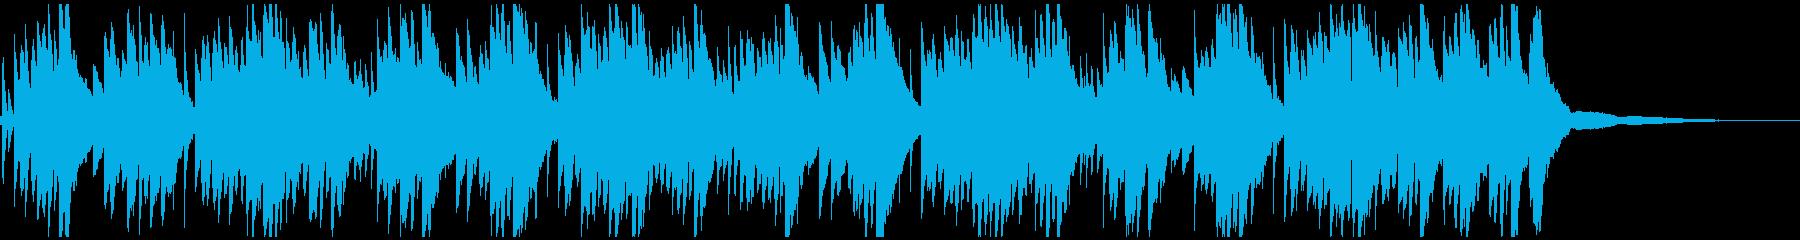 切ないメロディのピアノのソロの再生済みの波形